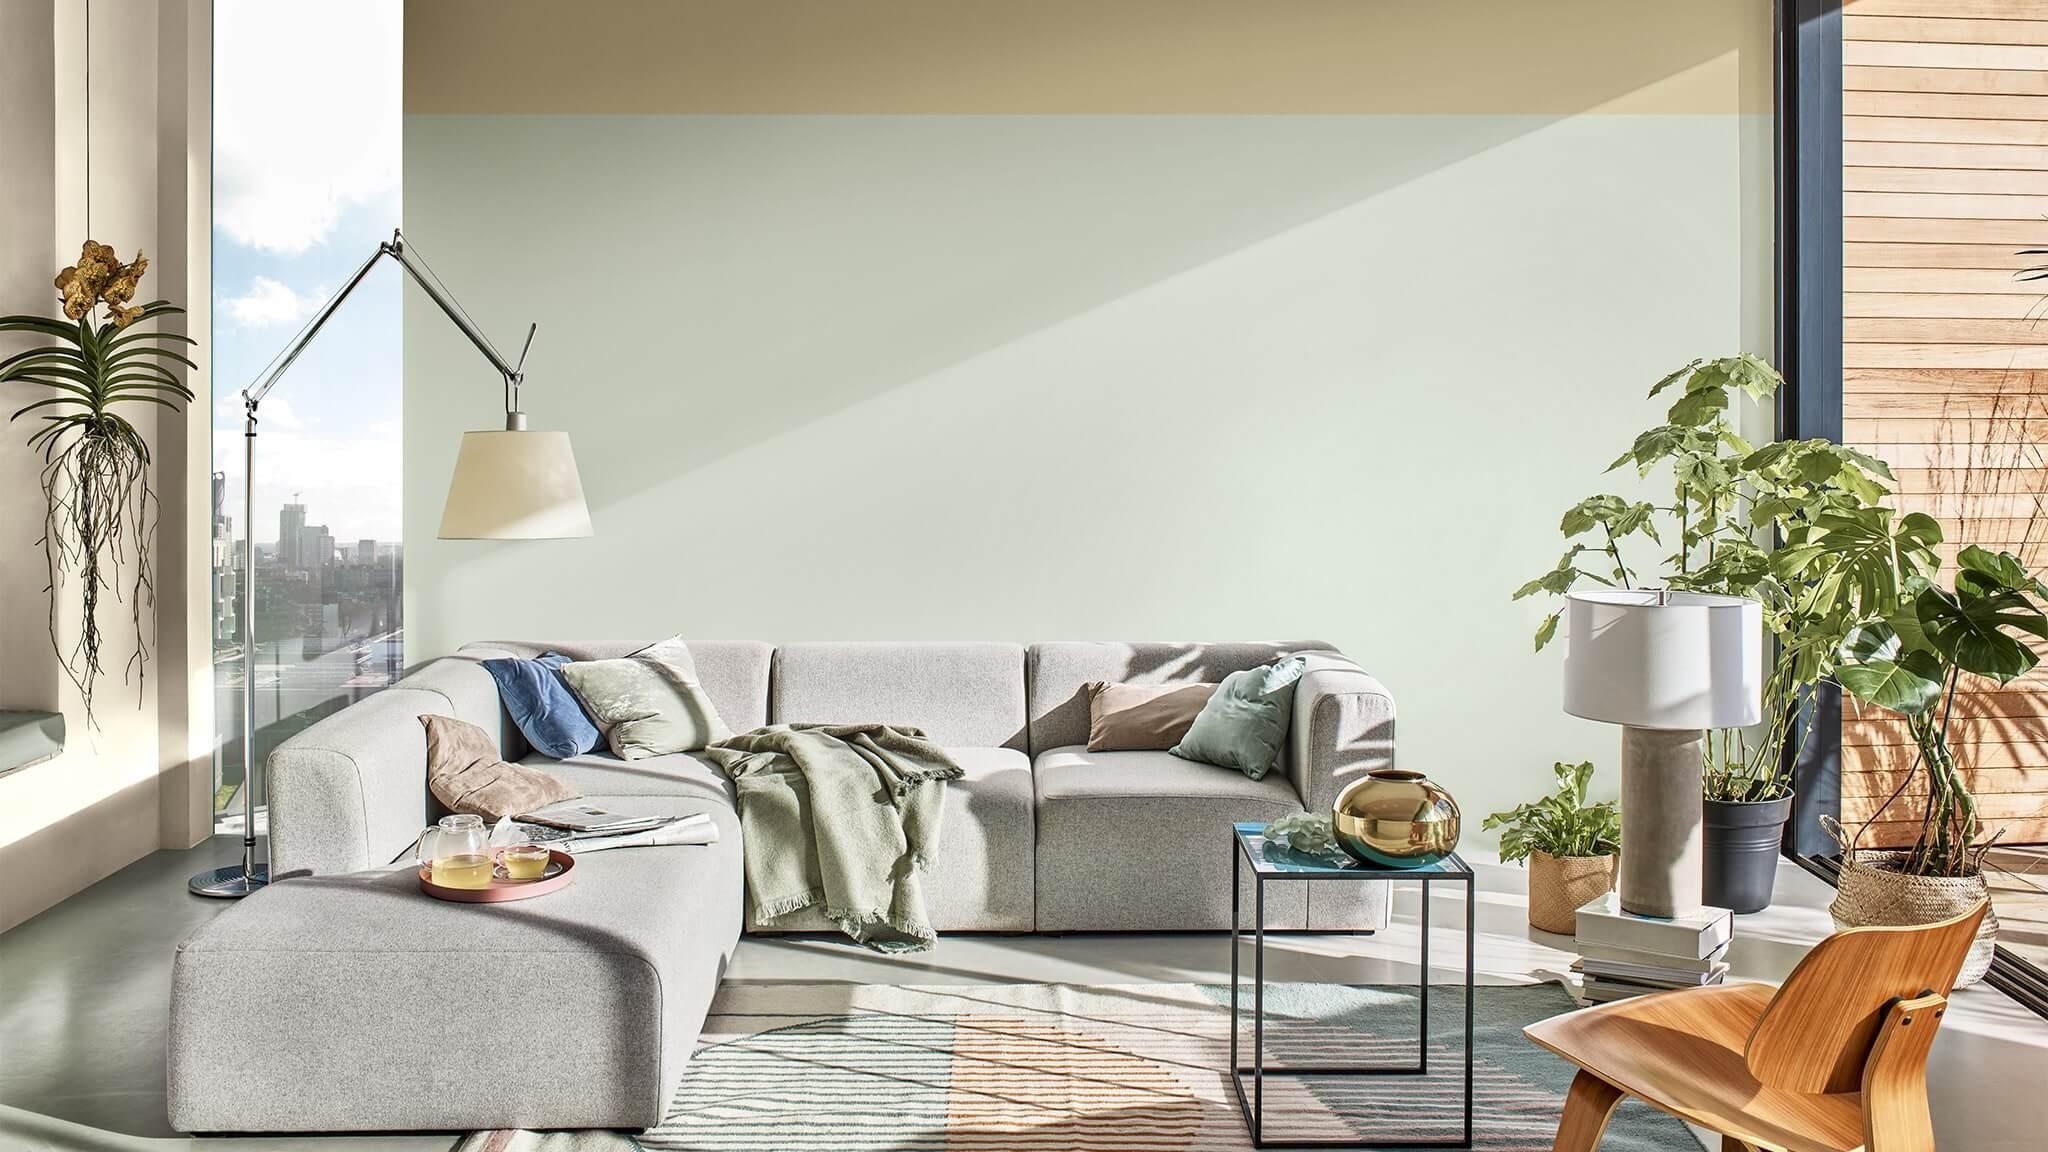 Cores de 2020: ideias para usar os tons na decoração (Foto: Divulgação)